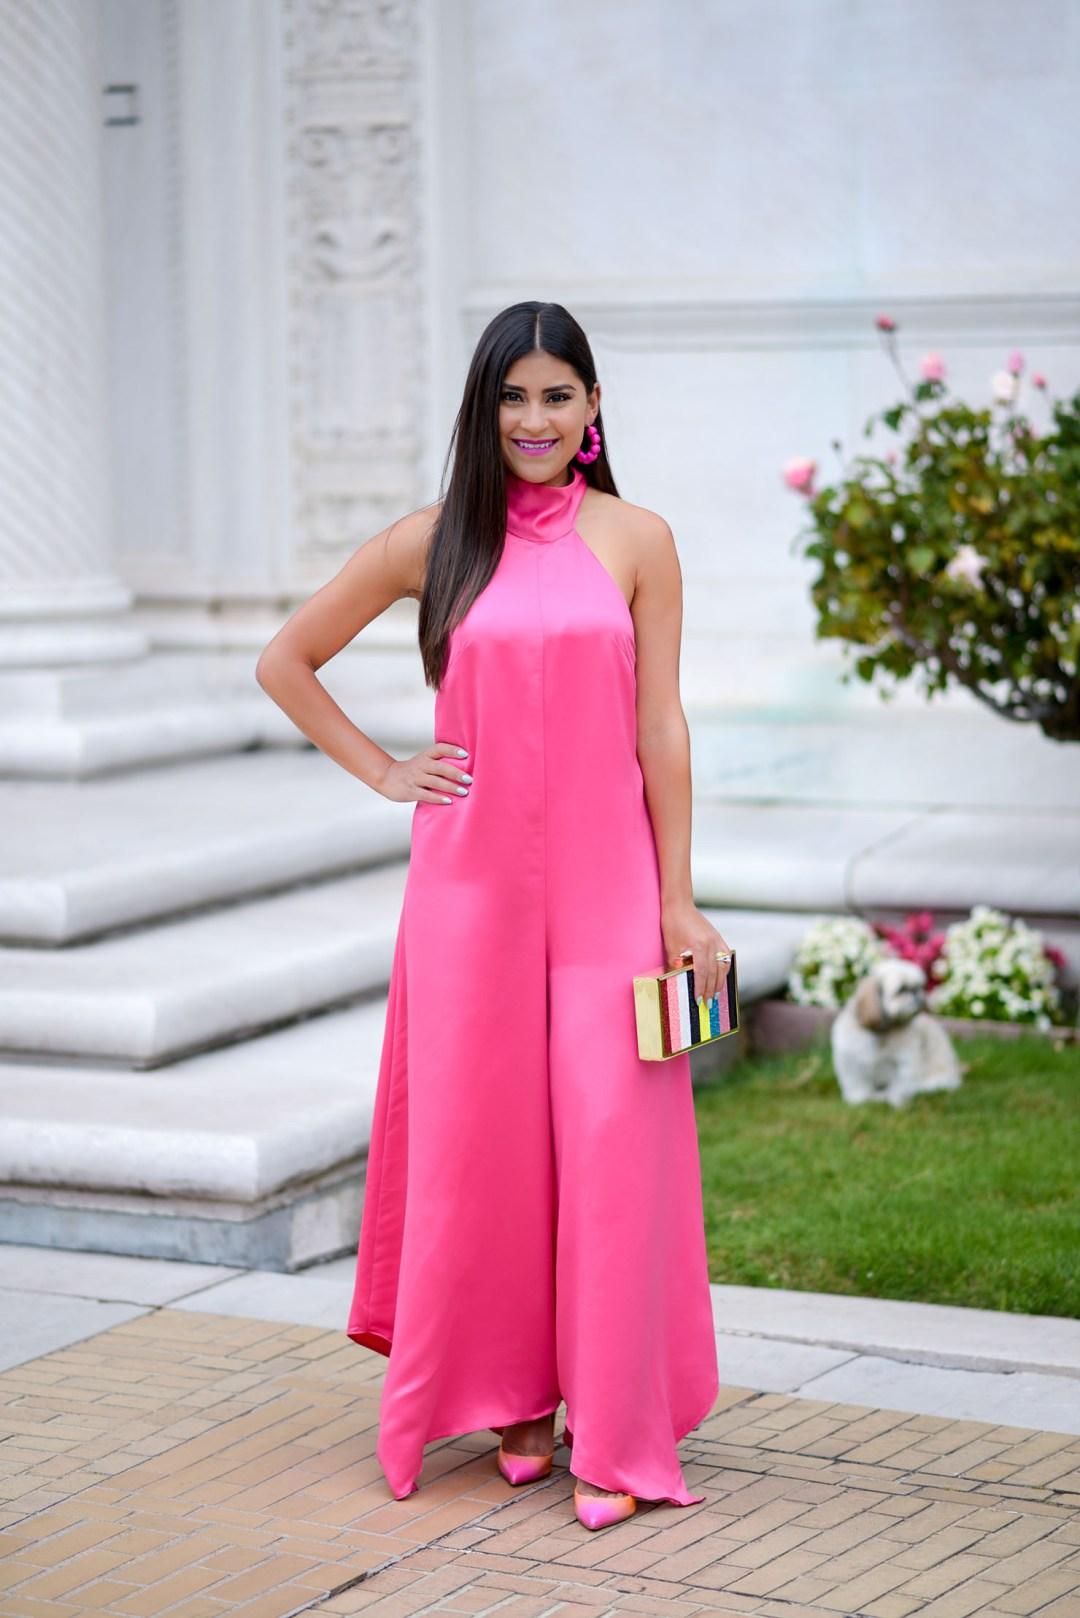 Lifestyle blogger Kelsey Kaplan of Kelsey Kaplan Fashion wearing pink jumpsuit and rainbow Louboutins in Las Vegas